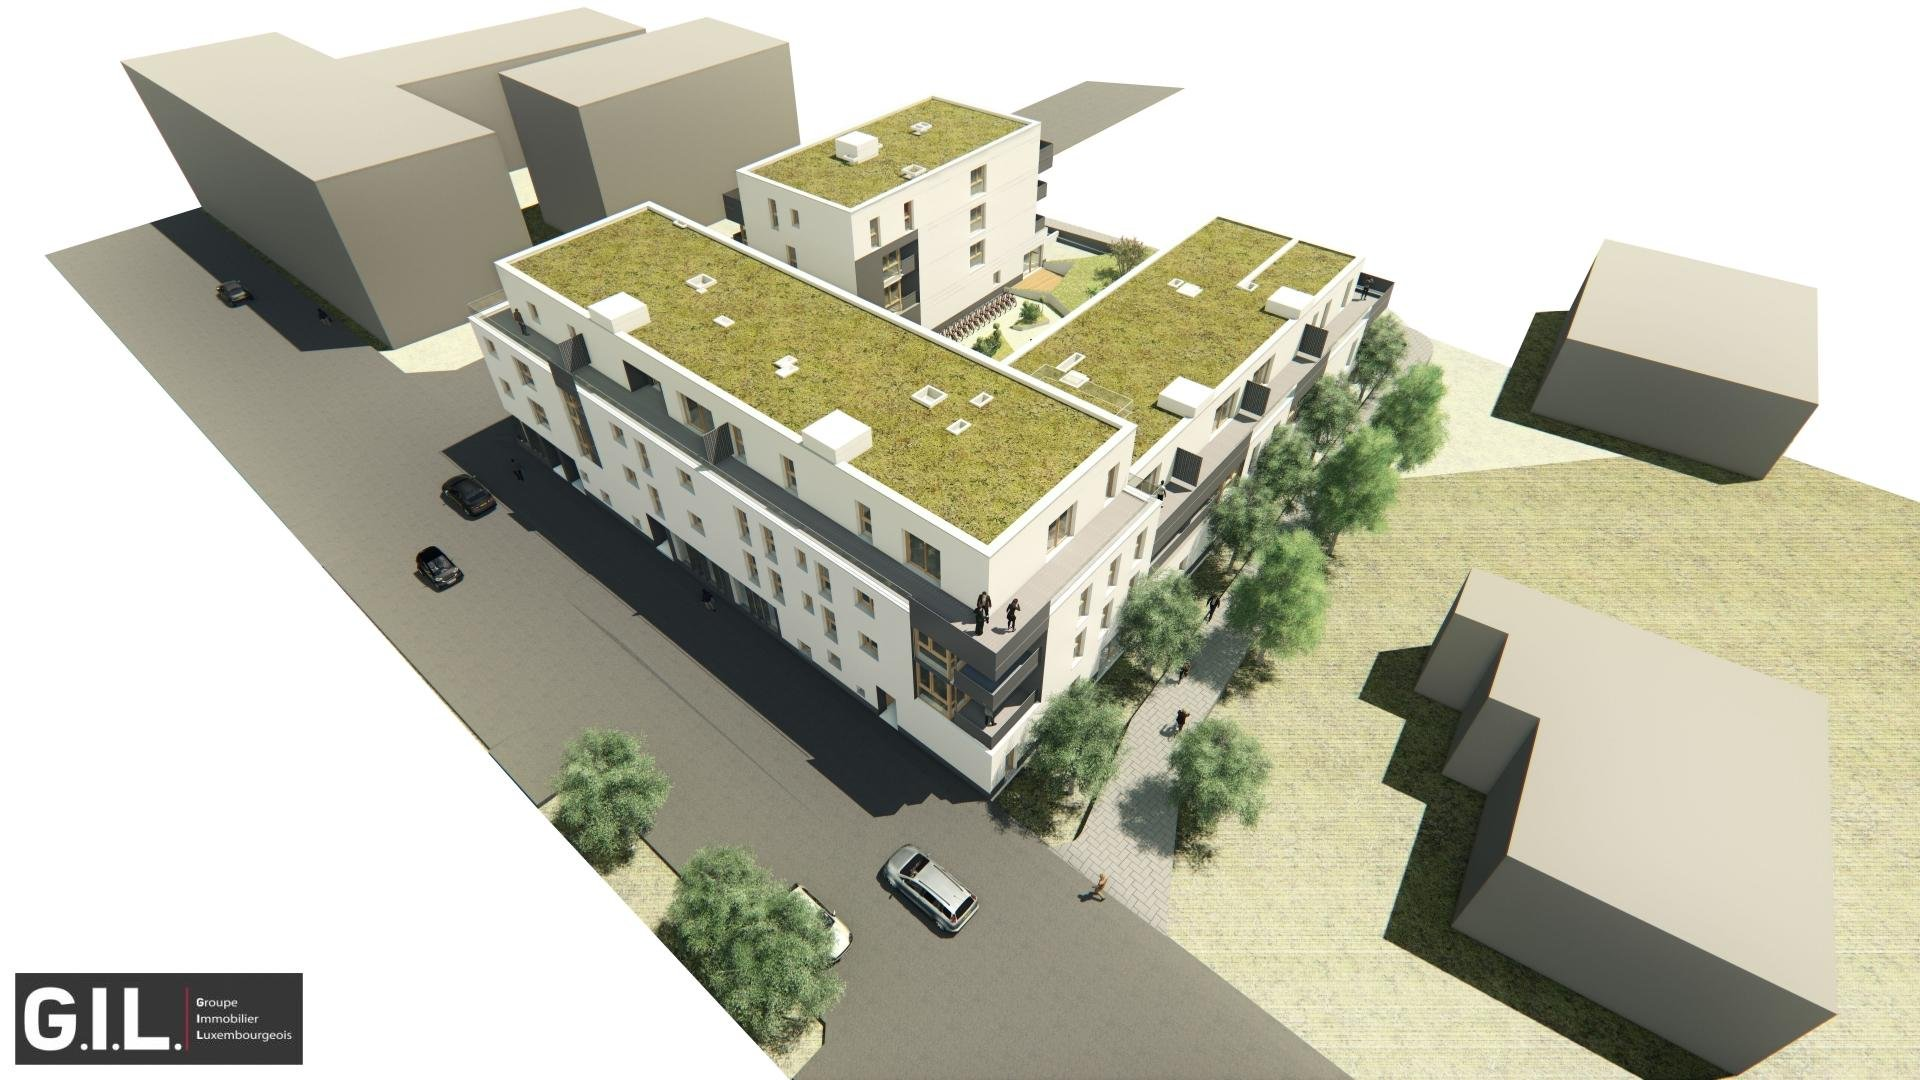 Résidence mixte de 34 appartements et 3 commerces